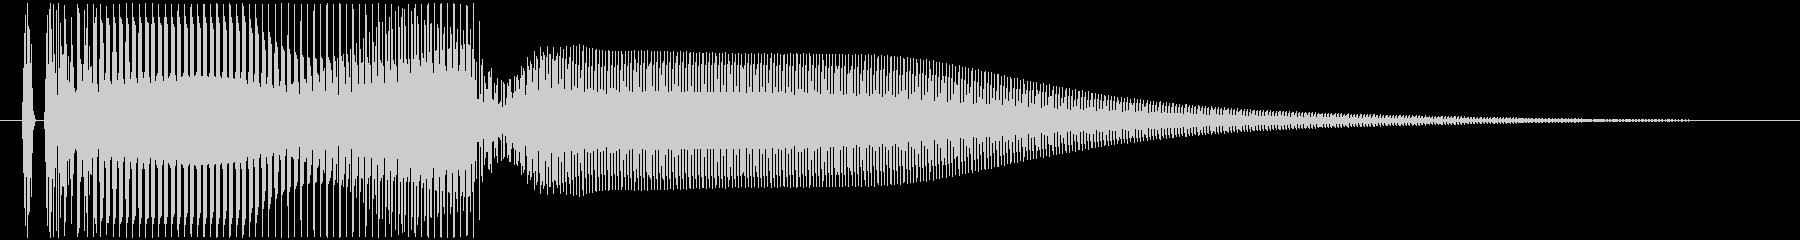 ビーヨーン(びっくり箱などのSE)の未再生の波形